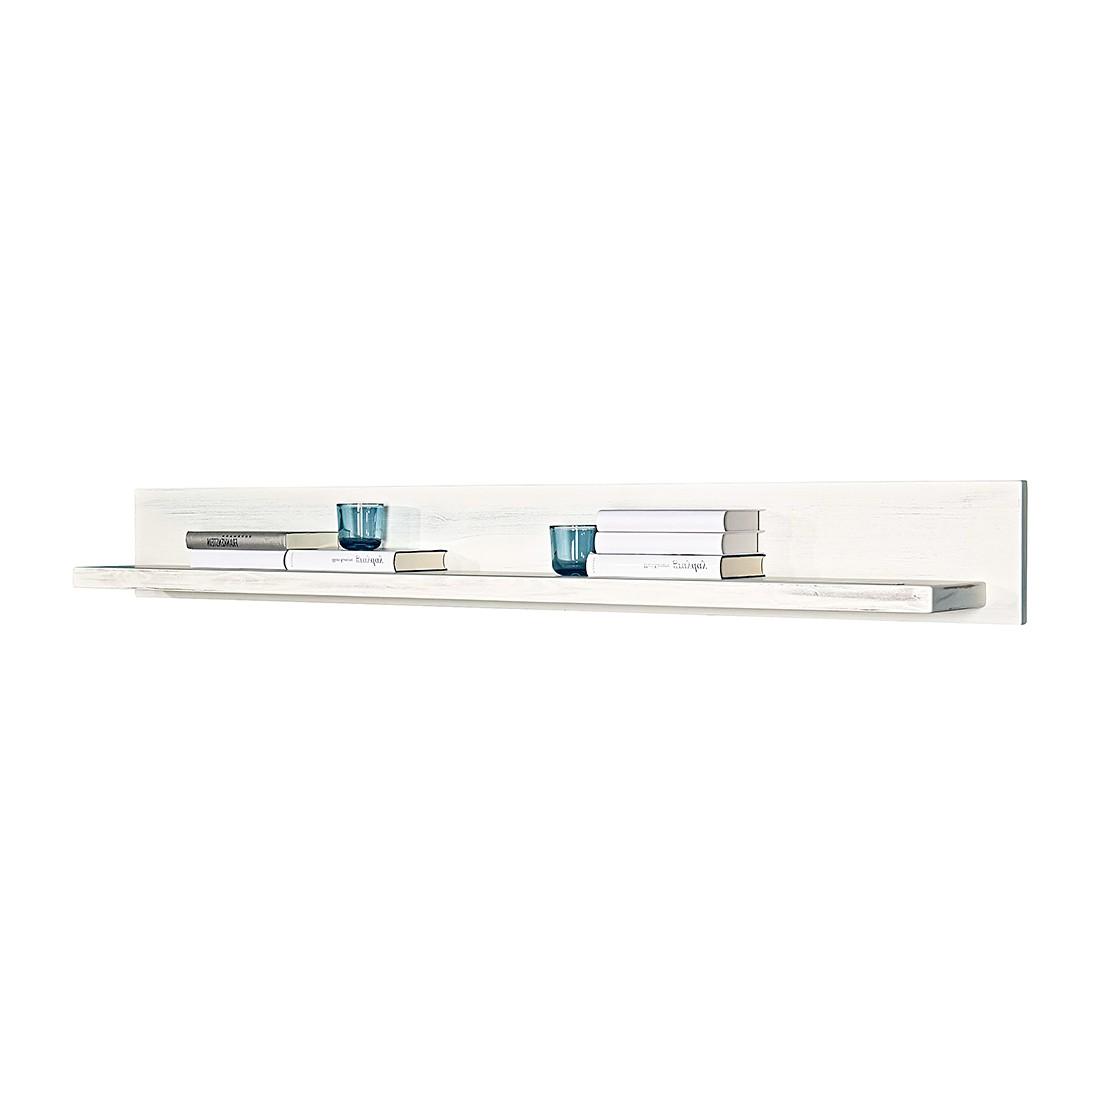 Wandboard Prado – Kiefer massiv – Mit Beleuchtung – Vintage Weiß – 167 cm, LMIE jetzt kaufen